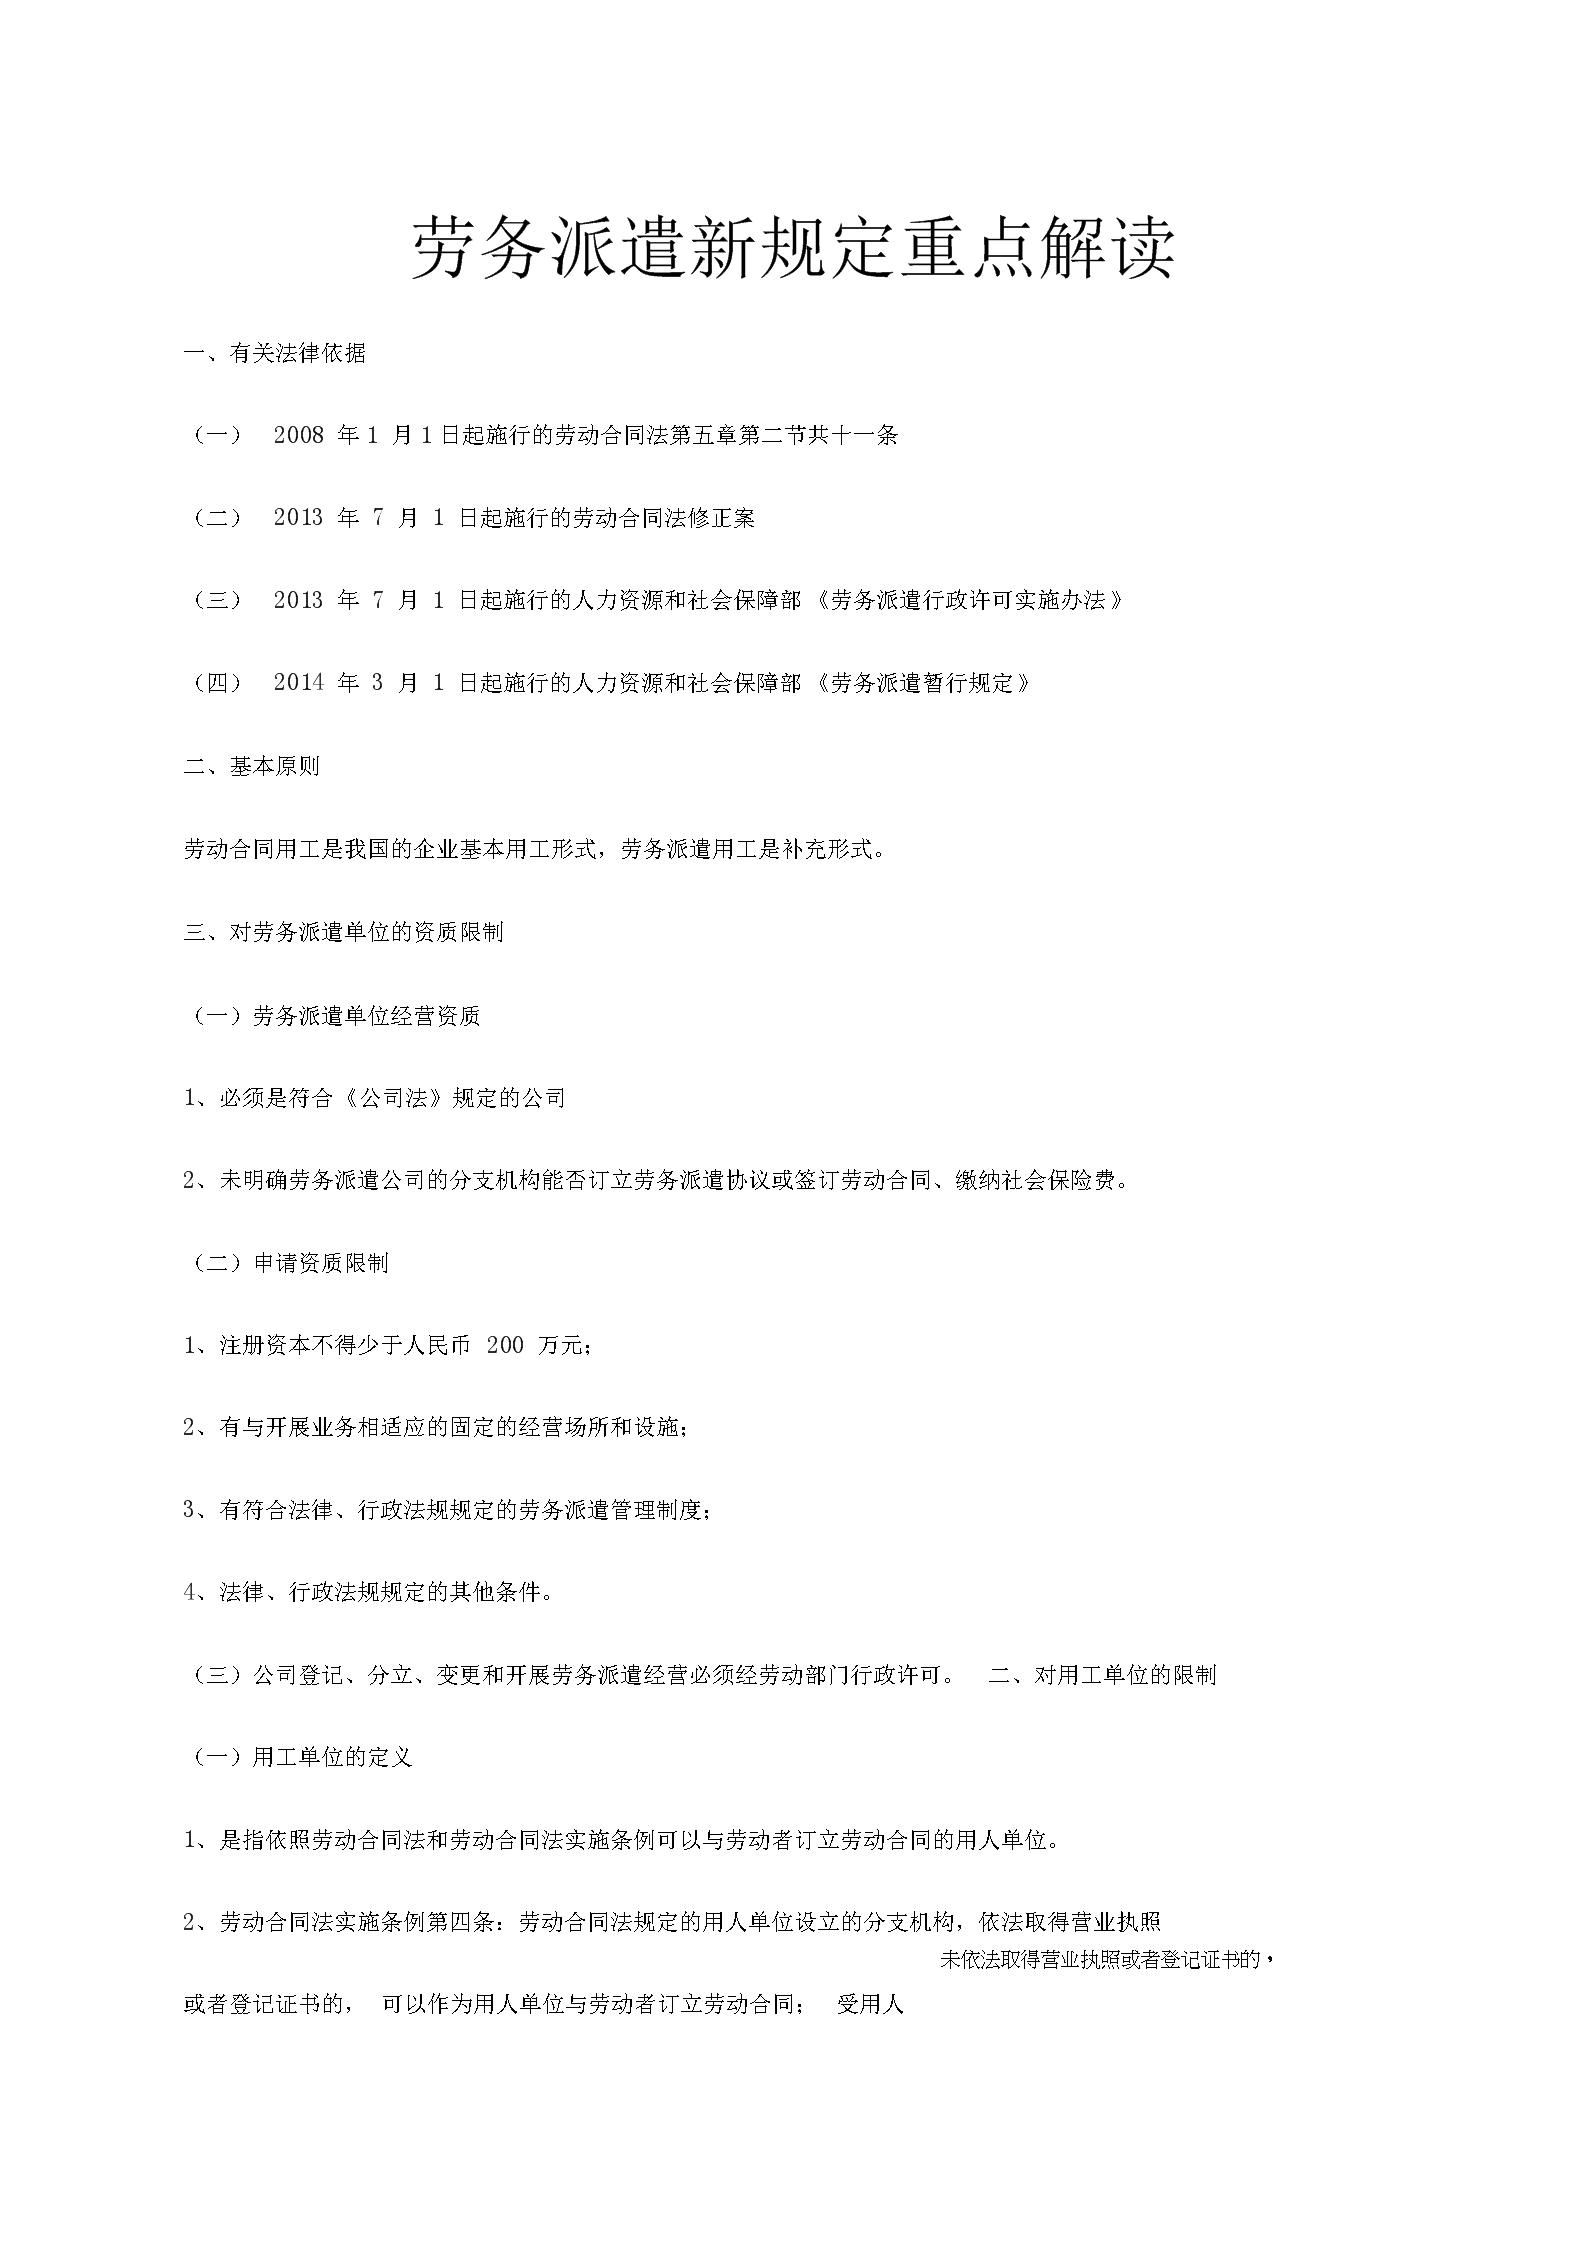 劳务派遣新规定重点解读.docx